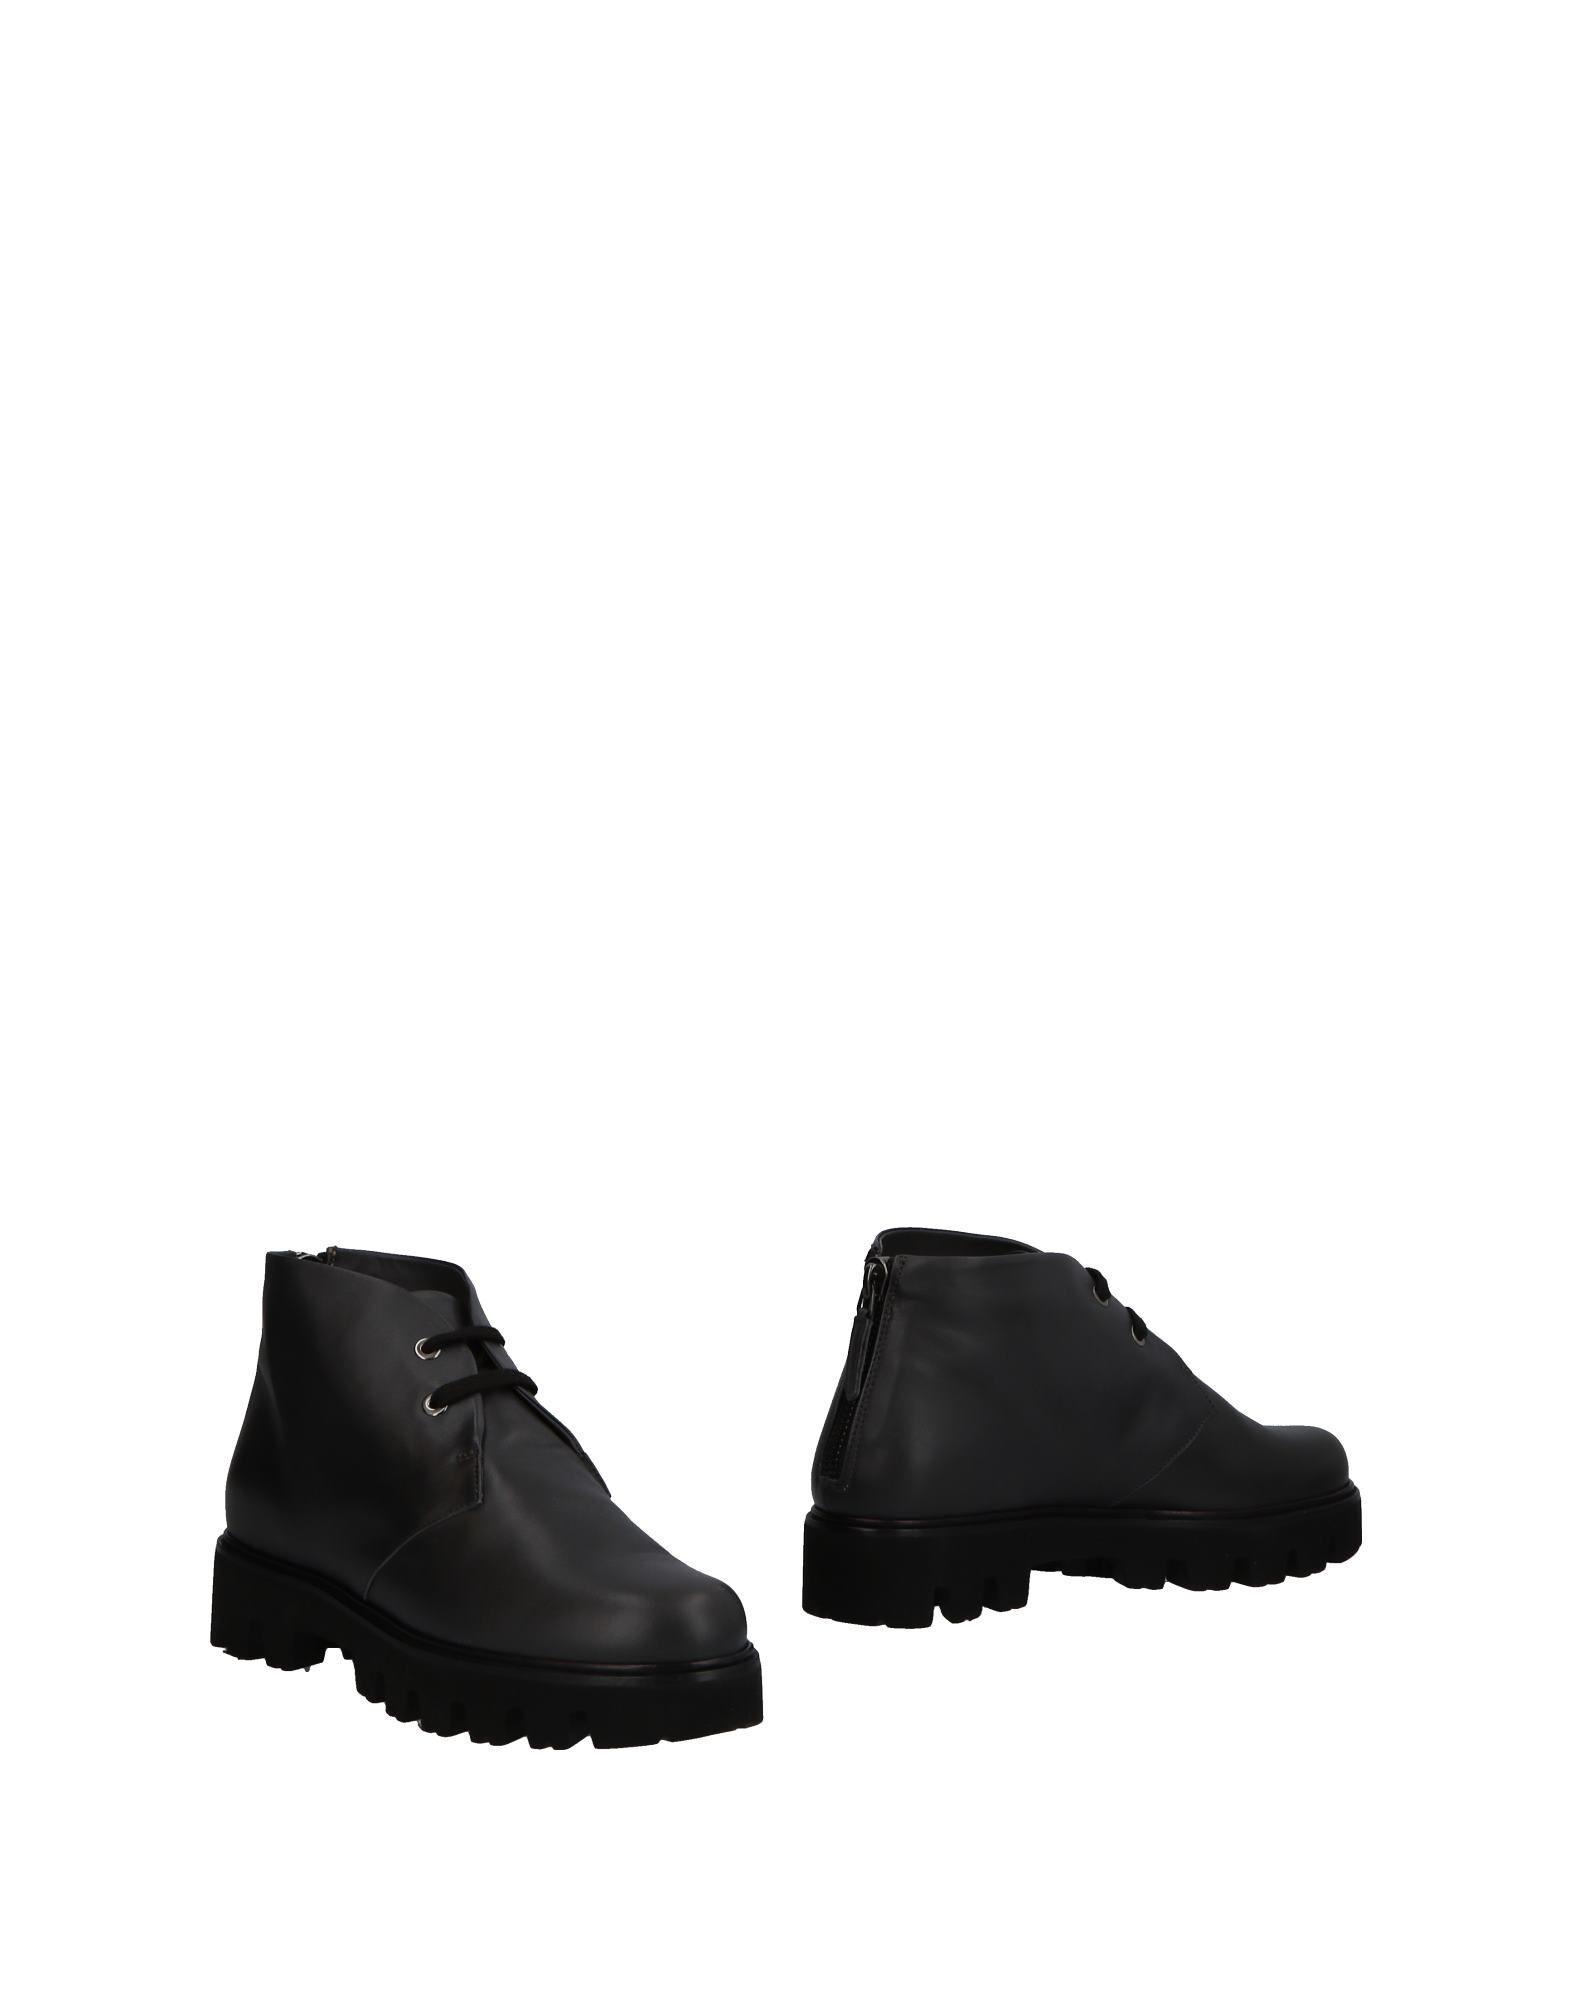 ZAMAGNI Полусапоги и высокие ботинки полусапоги zamagni сапоги в стиле казаки